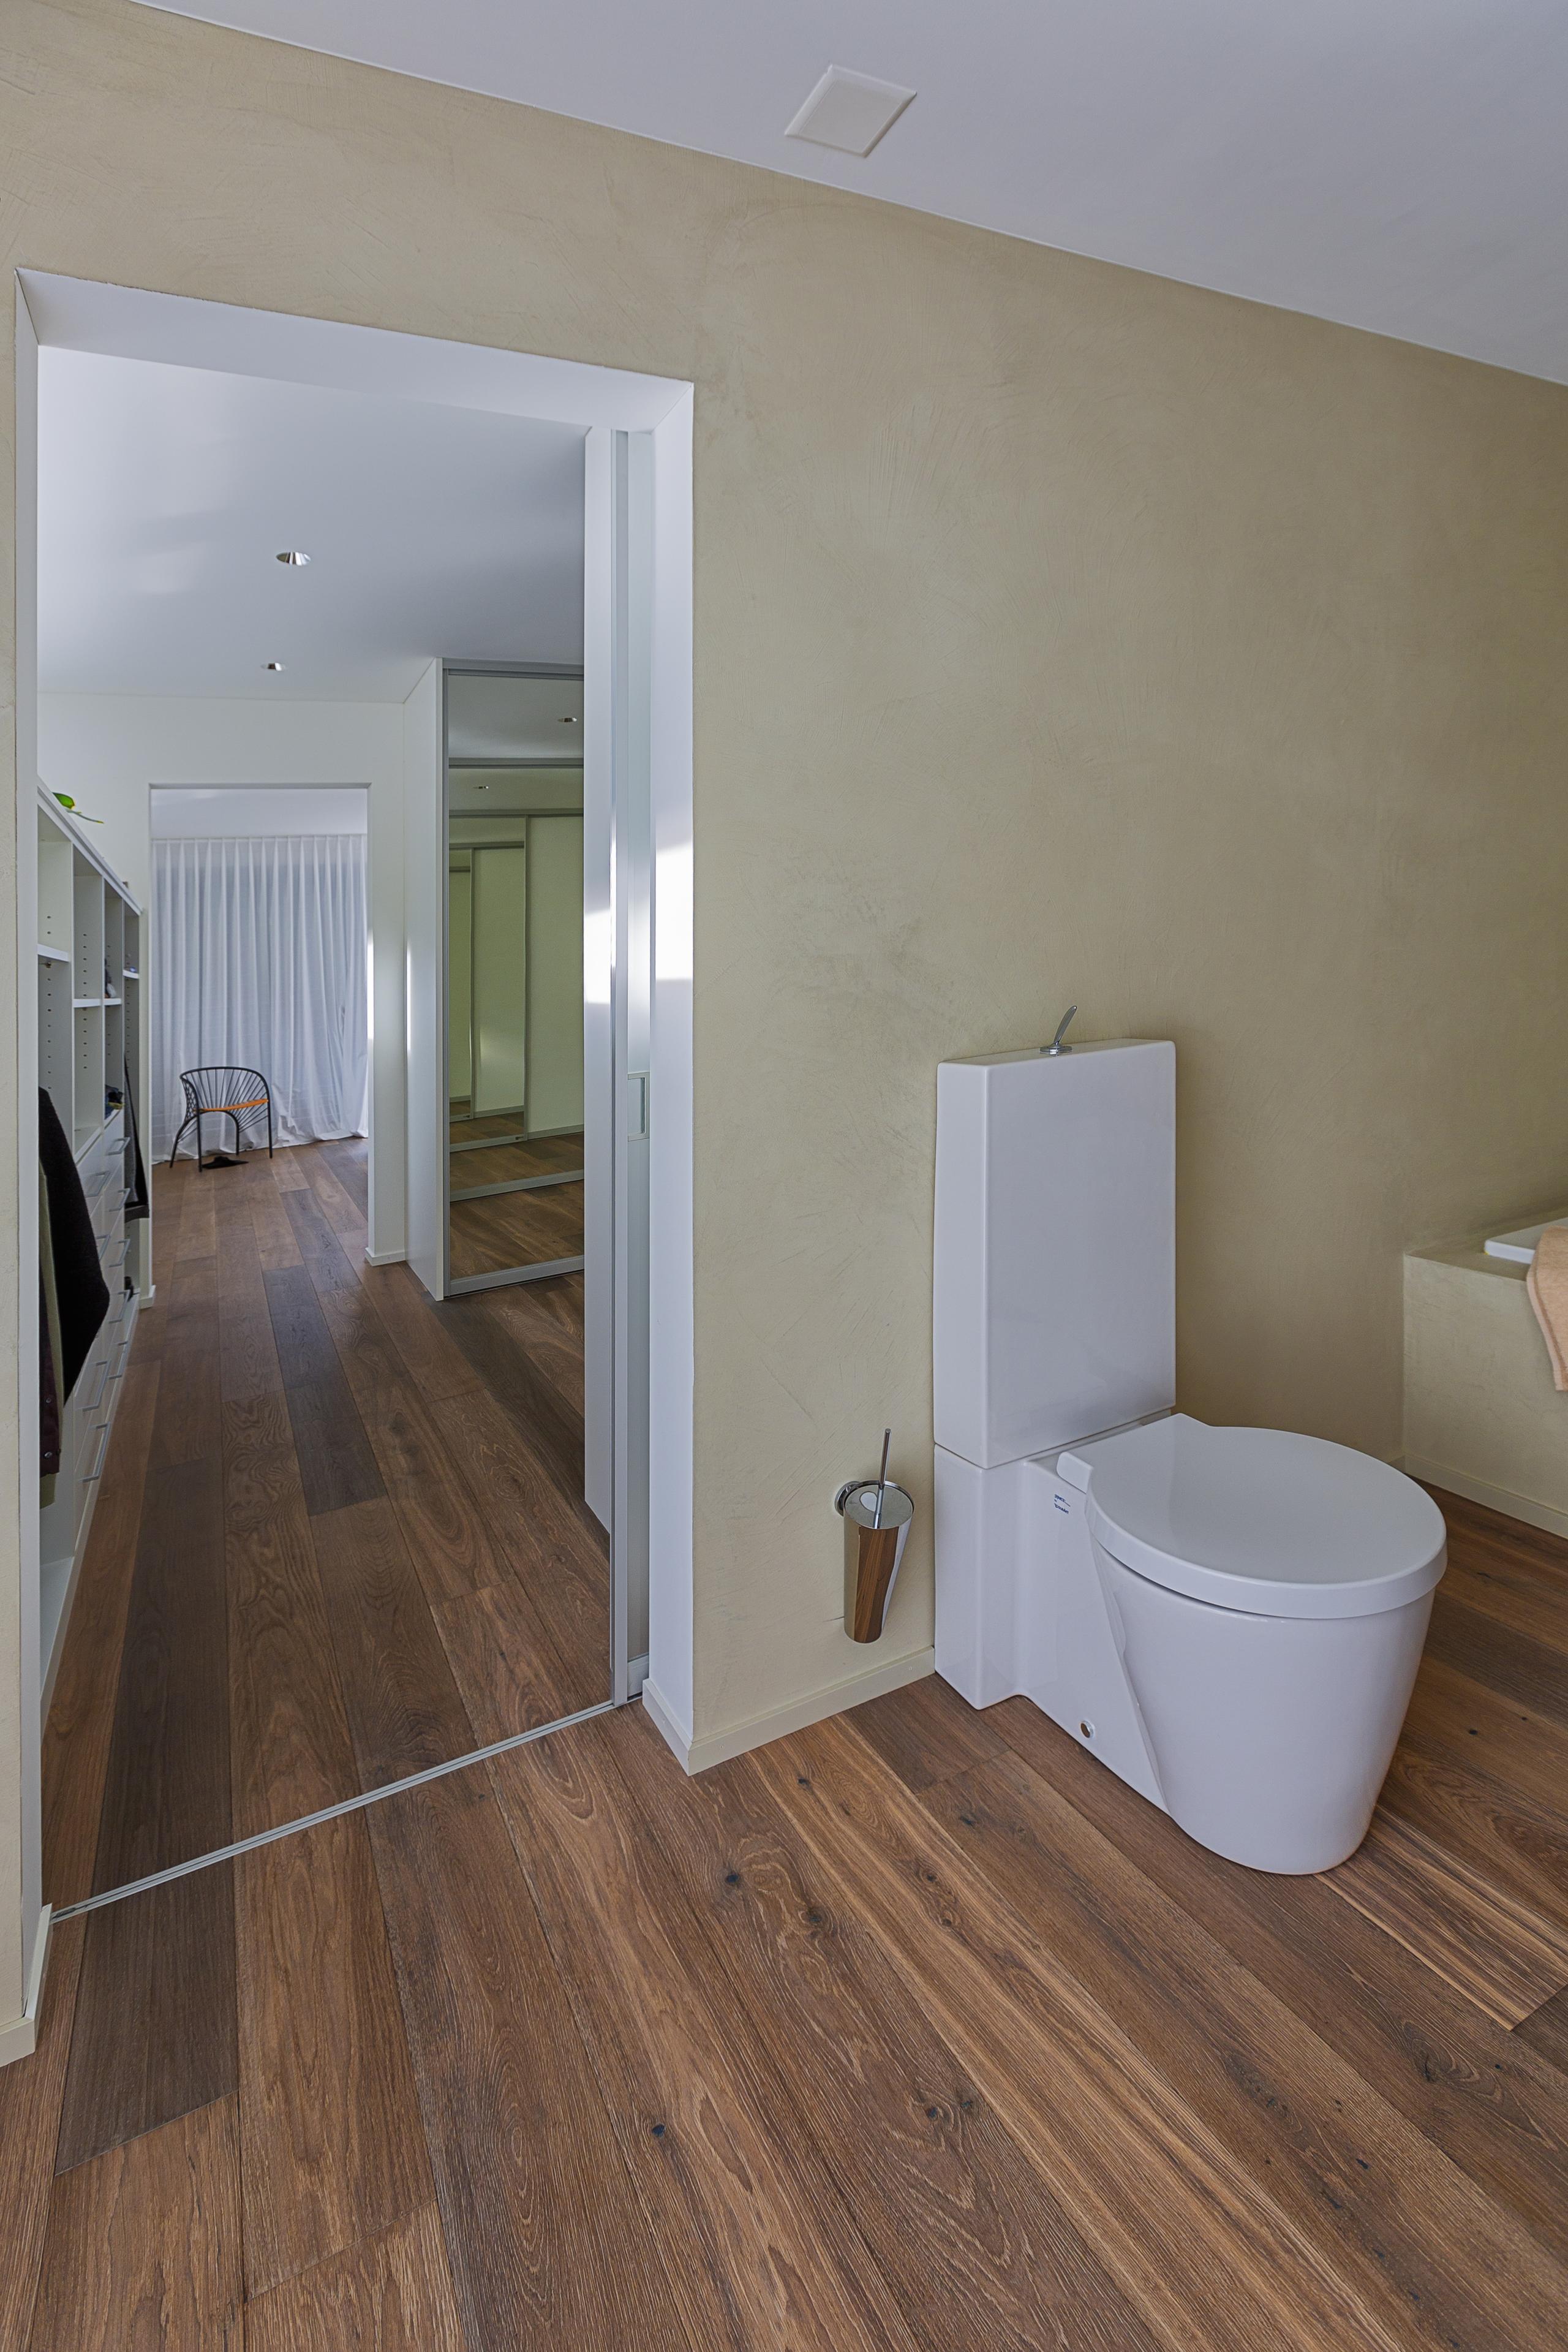 Lichtdurchlässige Schiebetüre als Eingang in die Toilette   AUF&ZU